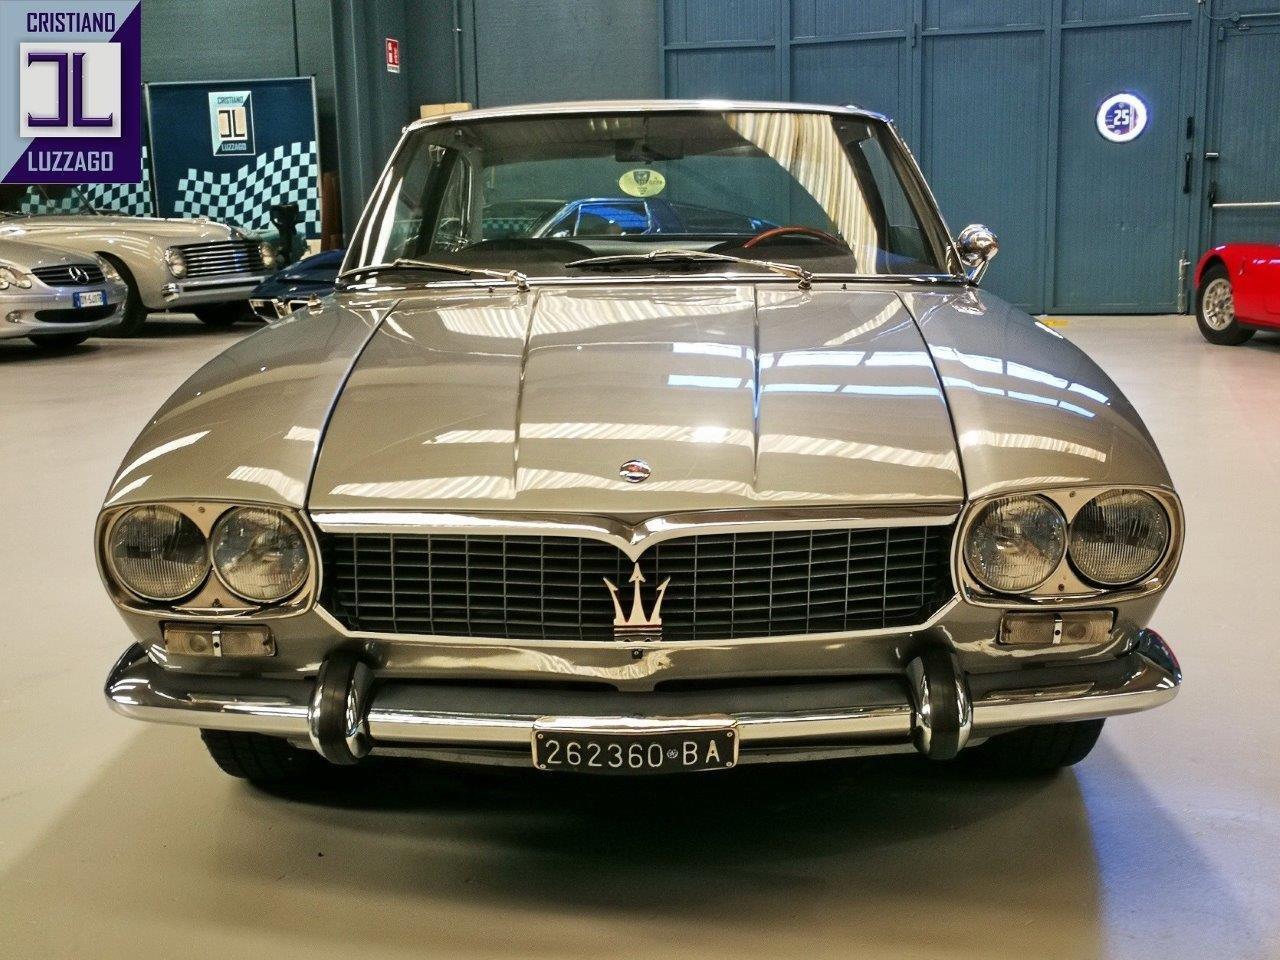 1968 MASERATI MEXICO 4200 For Sale (picture 3 of 6)